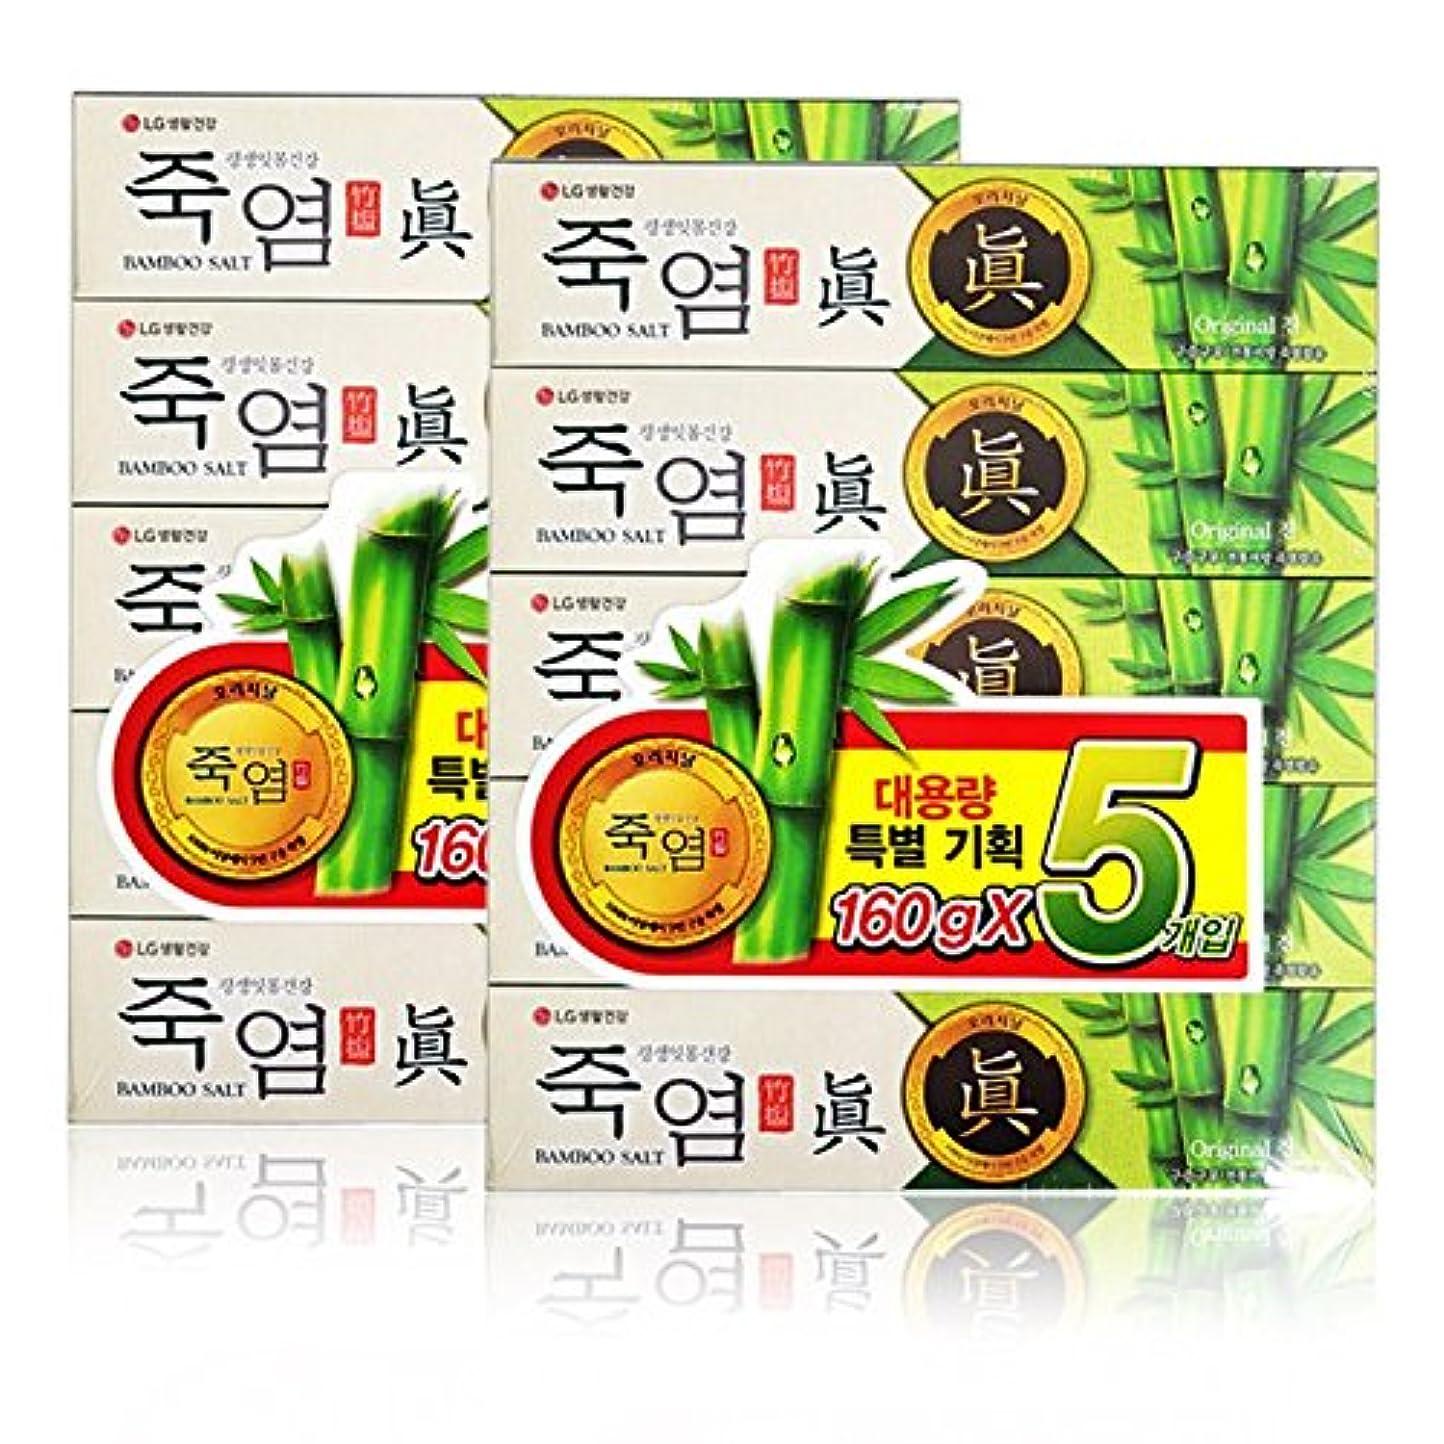 酒唯一写真[LG電子の生活と健康] LG 竹塩オリジナル歯磨き粉160g*10つの(海外直送品)